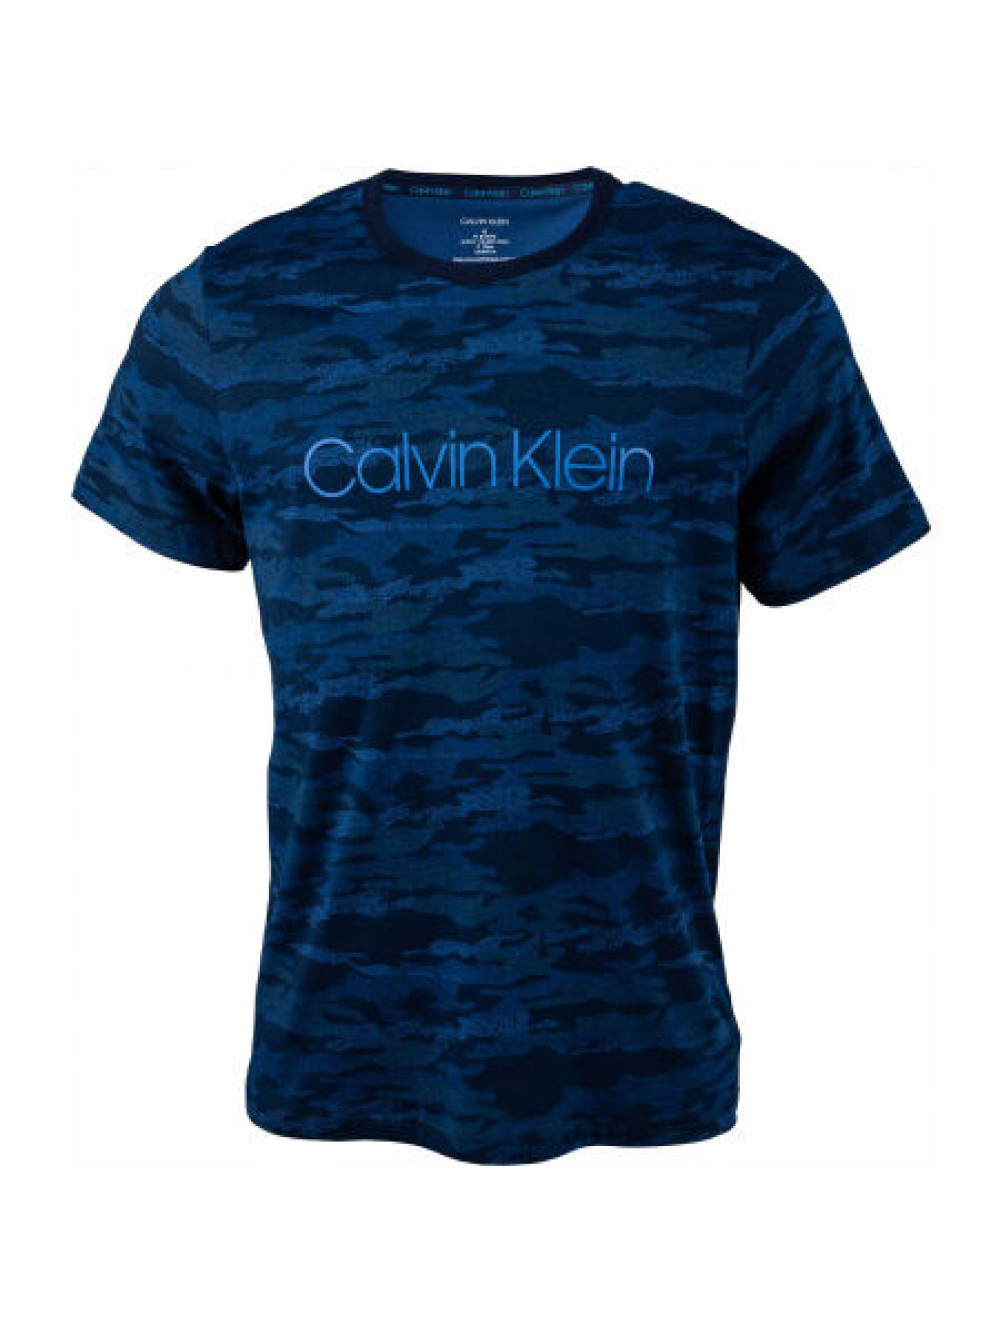 Pánske tričko Calvin Klein SS Crew Neck tmavomodré / maskáčové